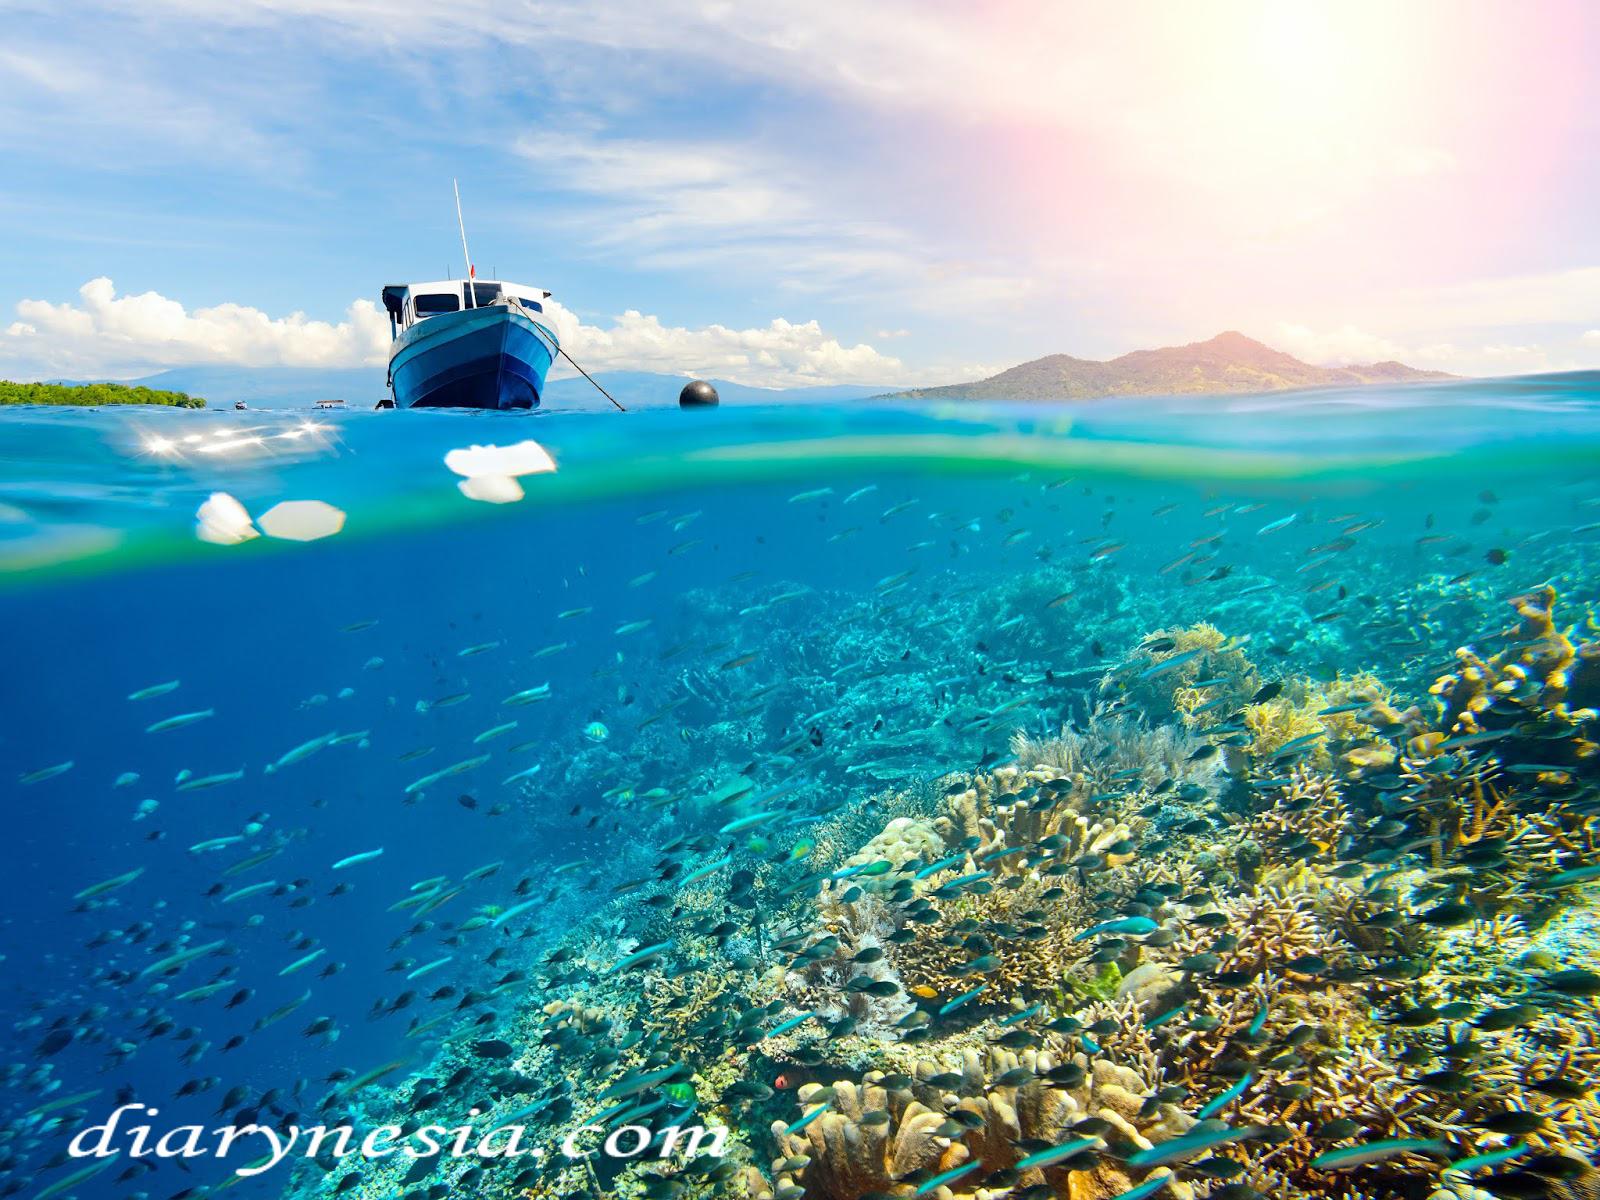 Bunaken tourism, Trip to bunaken, Diving in manado and bunaken, diarynesia